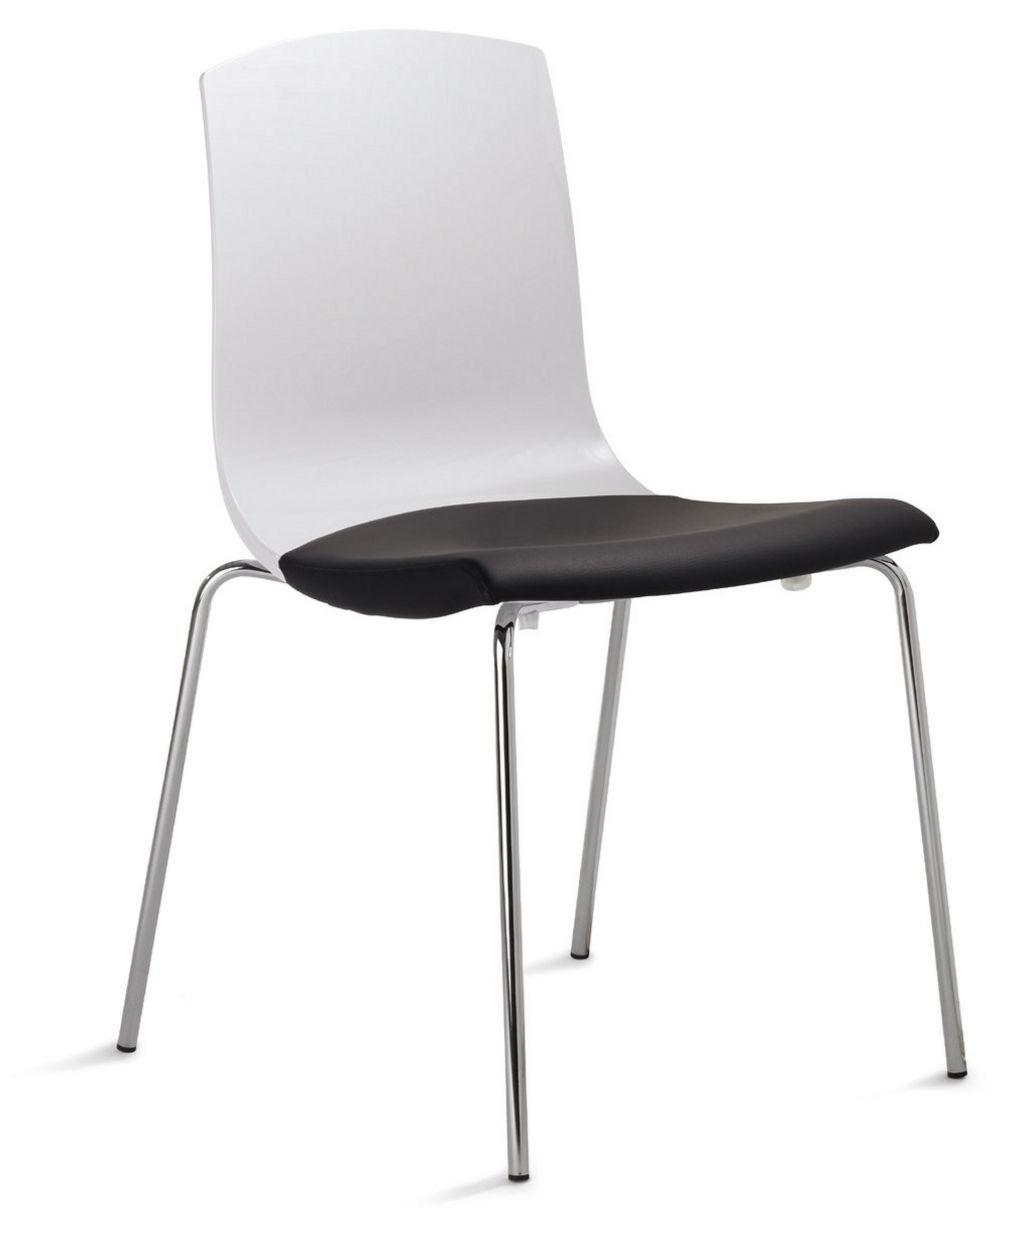 objekttauglicher Veranstaltungsstuhl mit Hartschalen-Plastiksitz